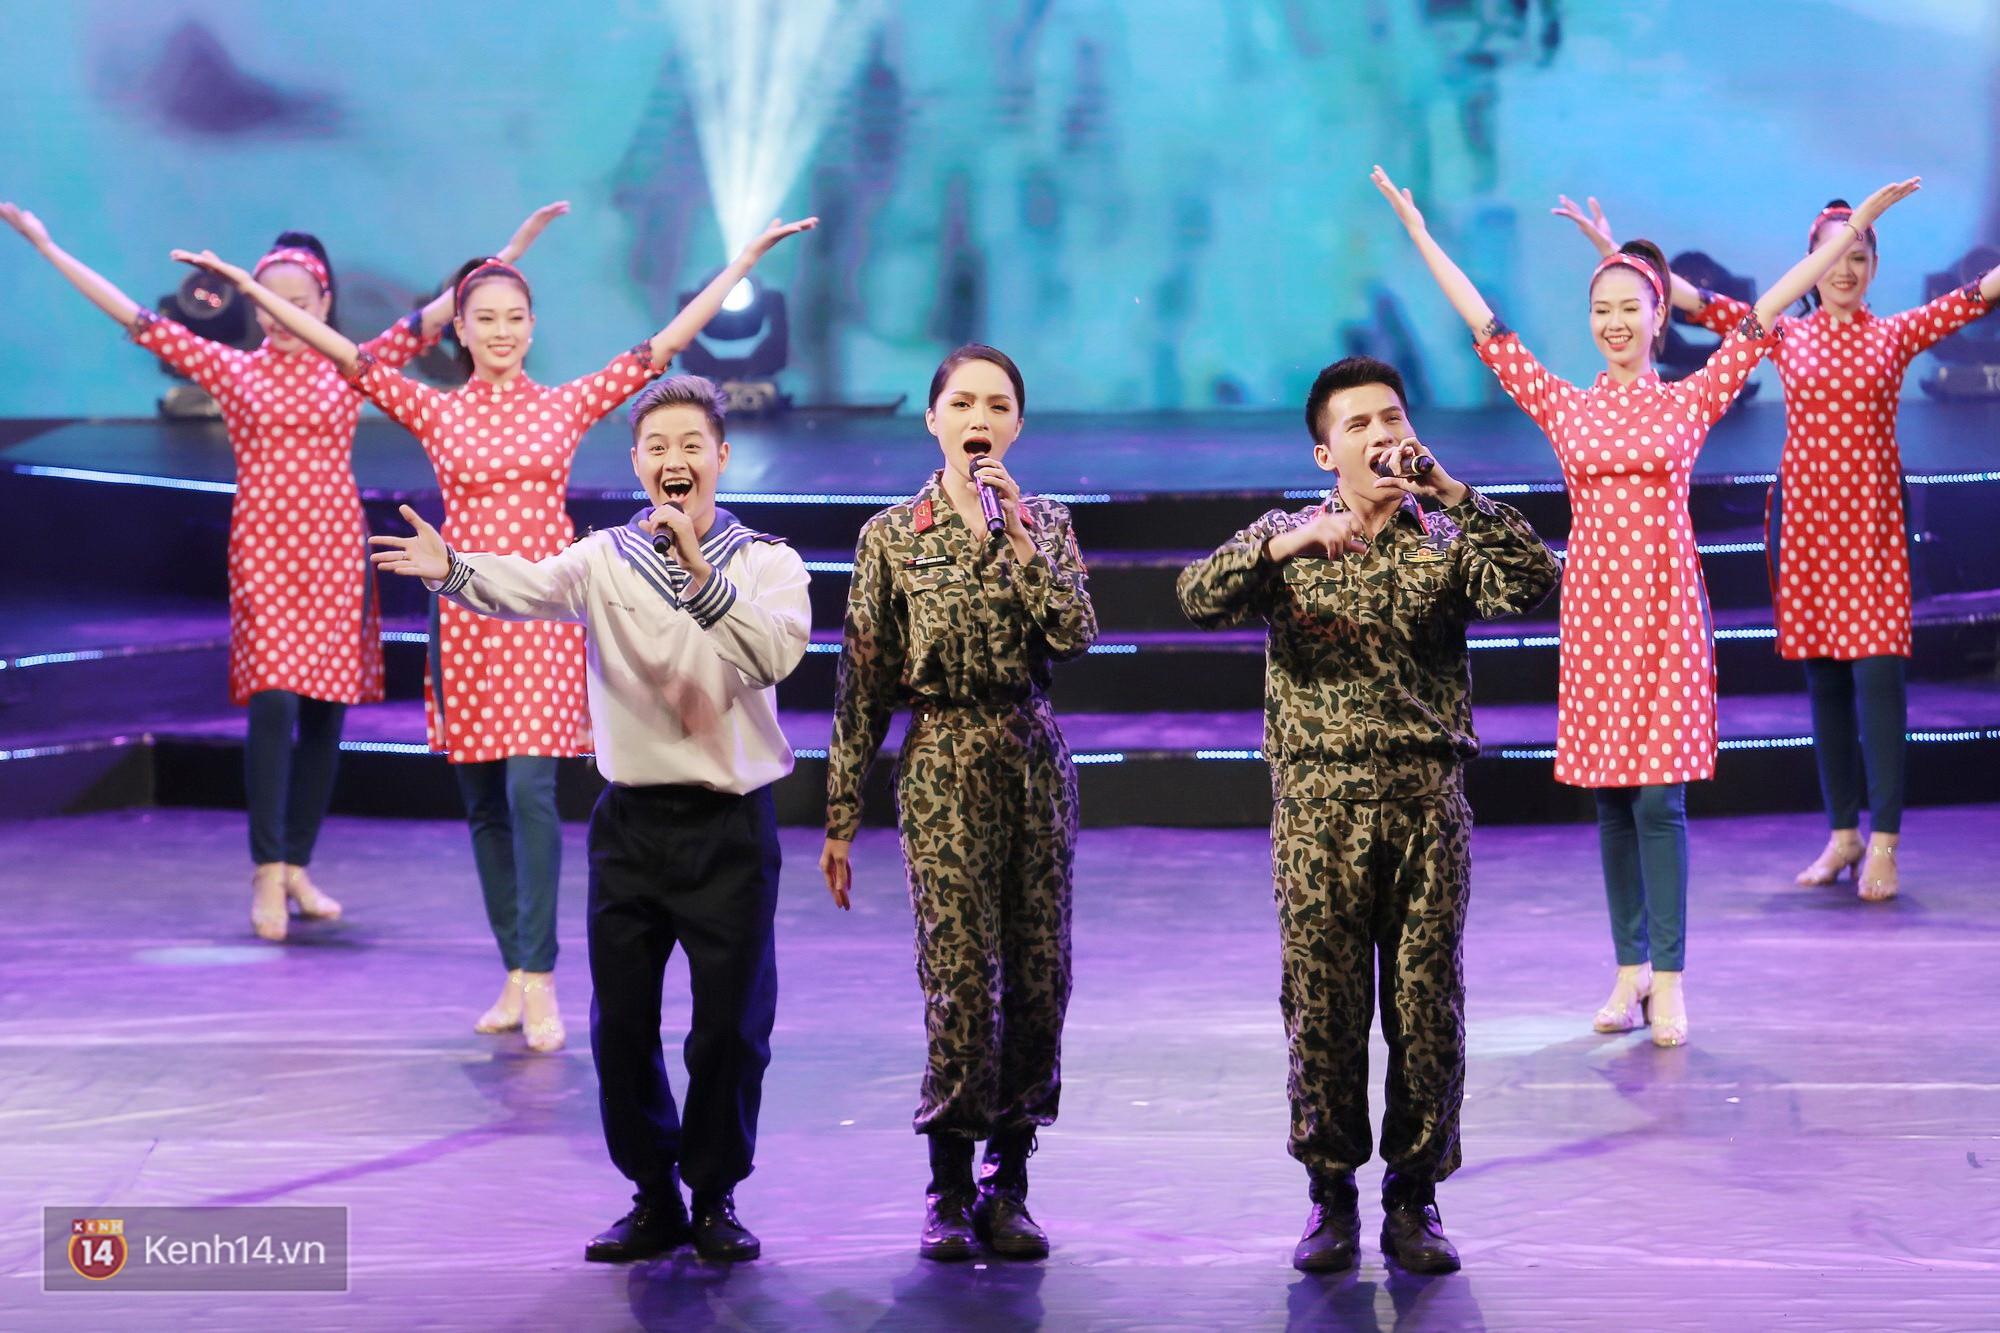 Đông Nhi đằm thắm với áo dài trắng, Hoa hậu Hương Giang biểu diễn trong quân phục chiến sĩ - Ảnh 9.